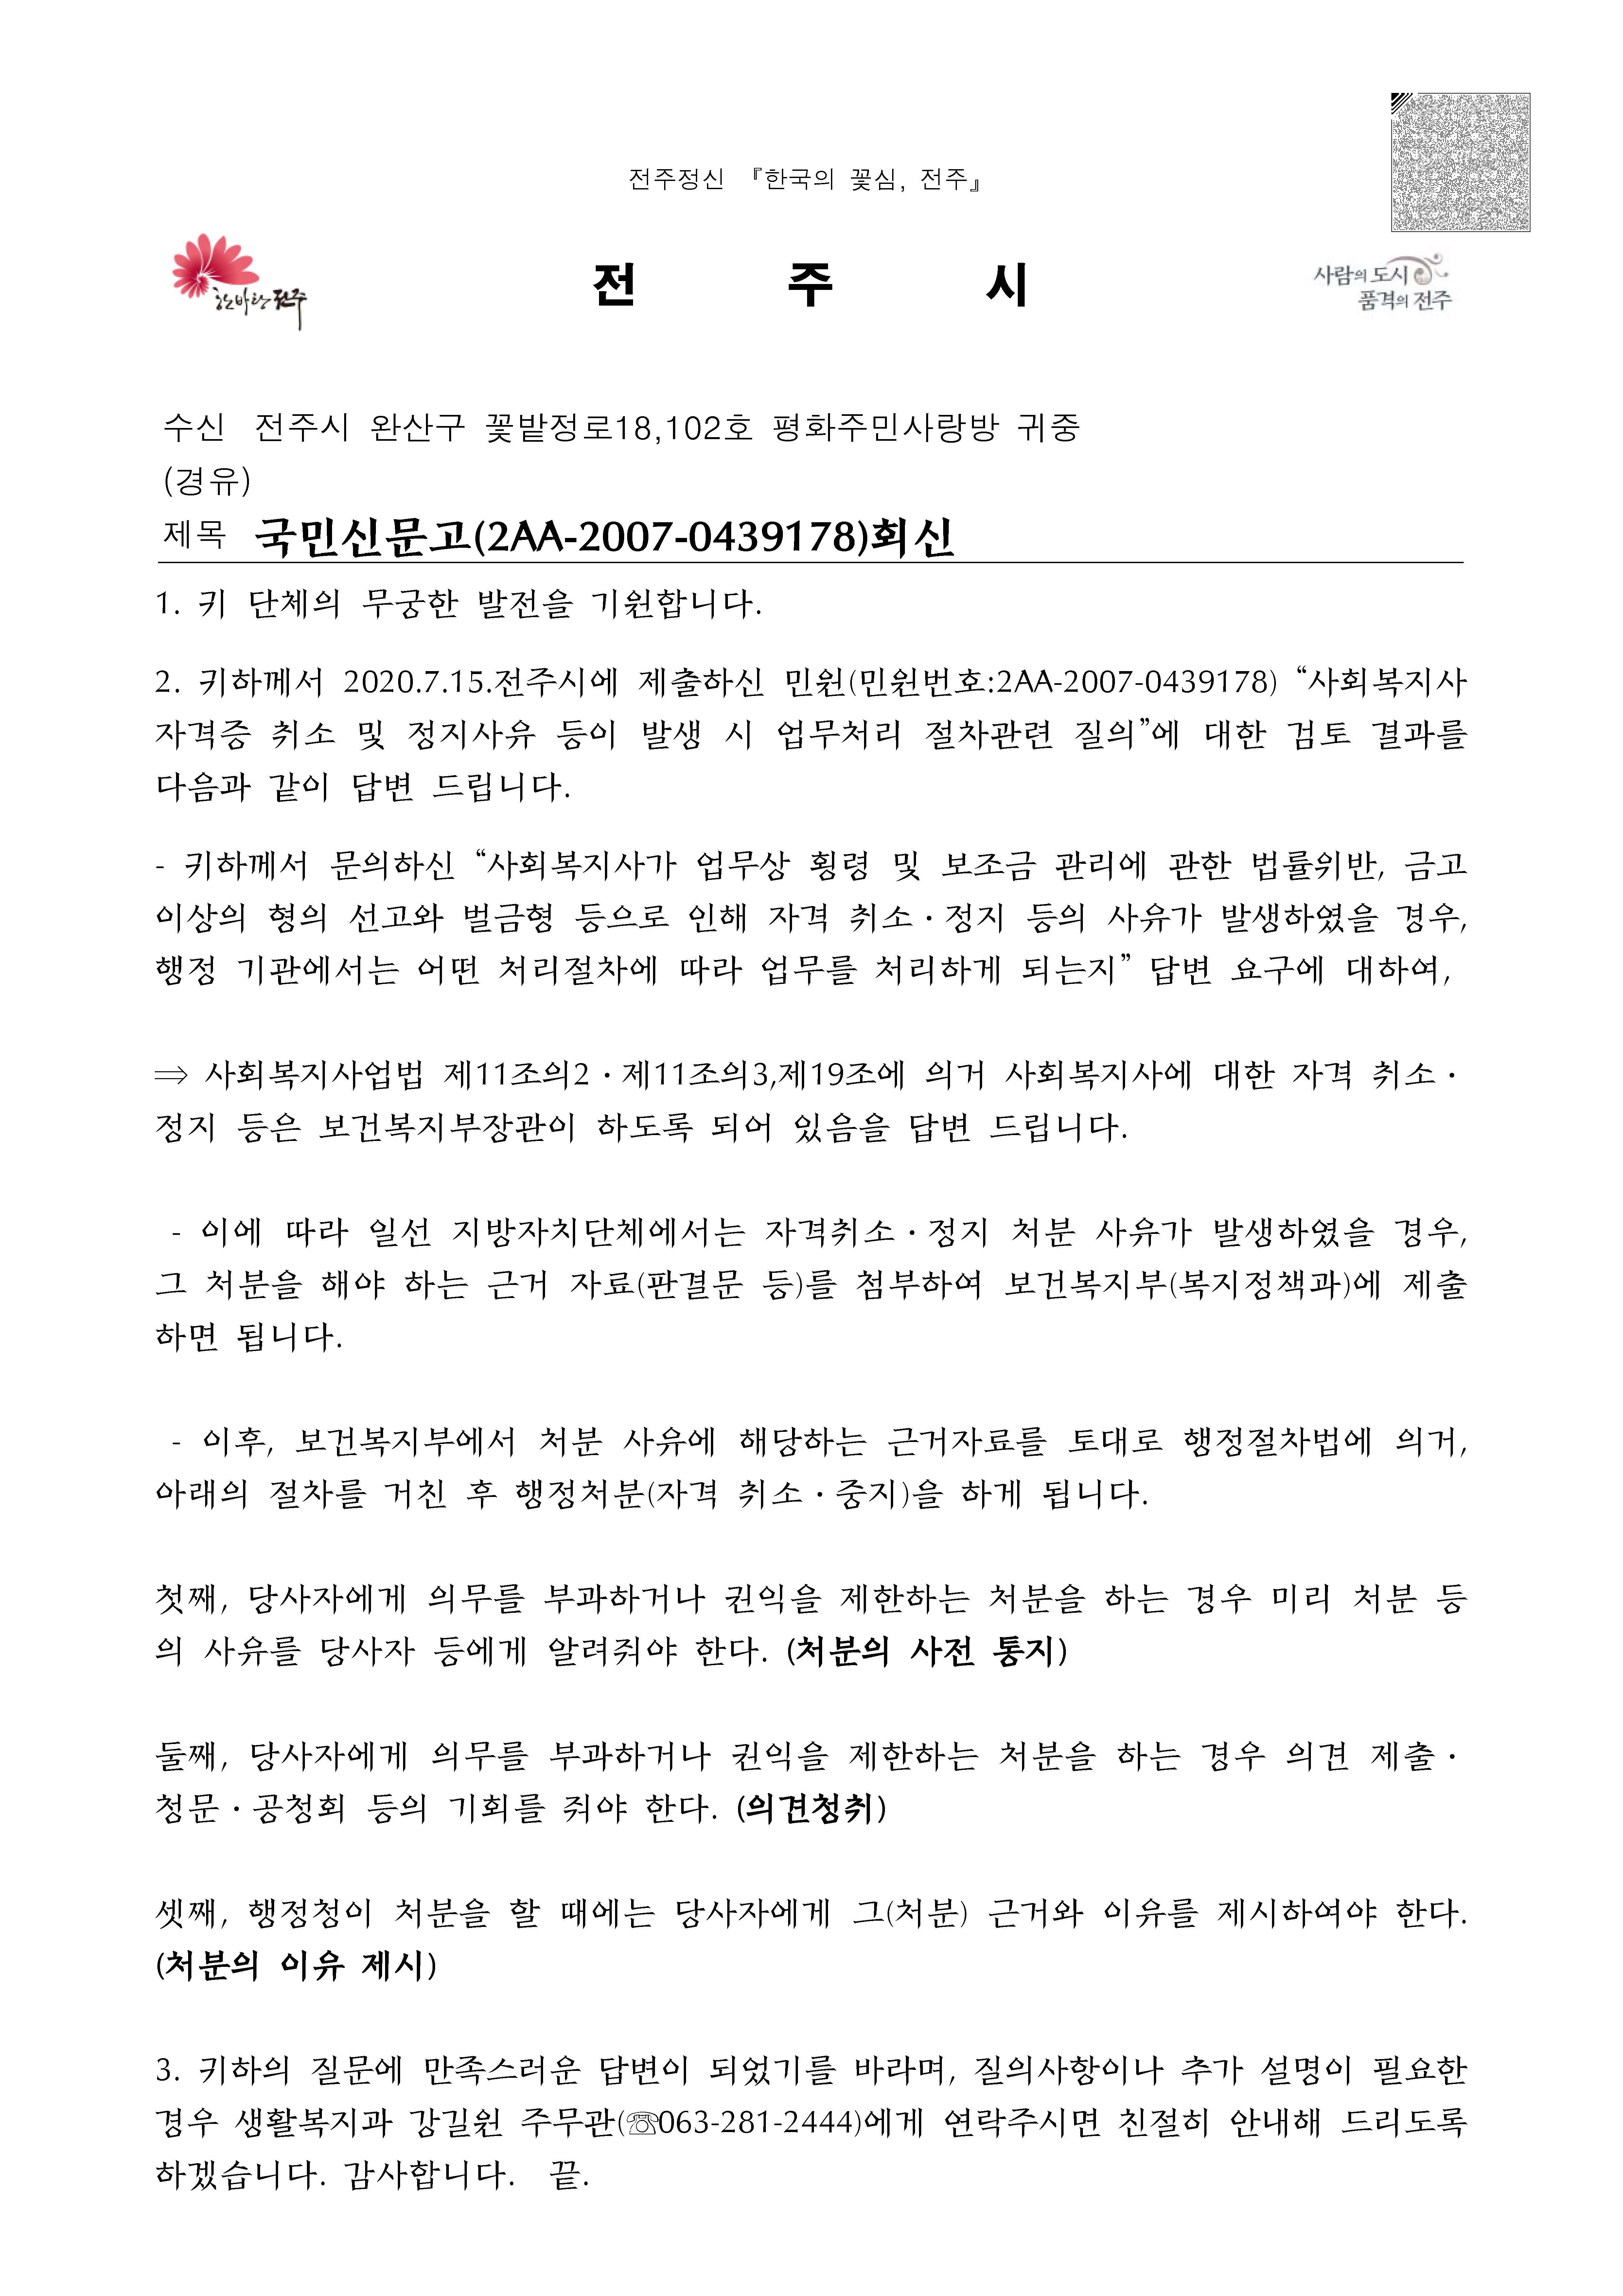 전주시 생활복지과-23713(2020.7.29)호_사회복지사 자격 취소.정지 절차 안내_페이지_1.jpg